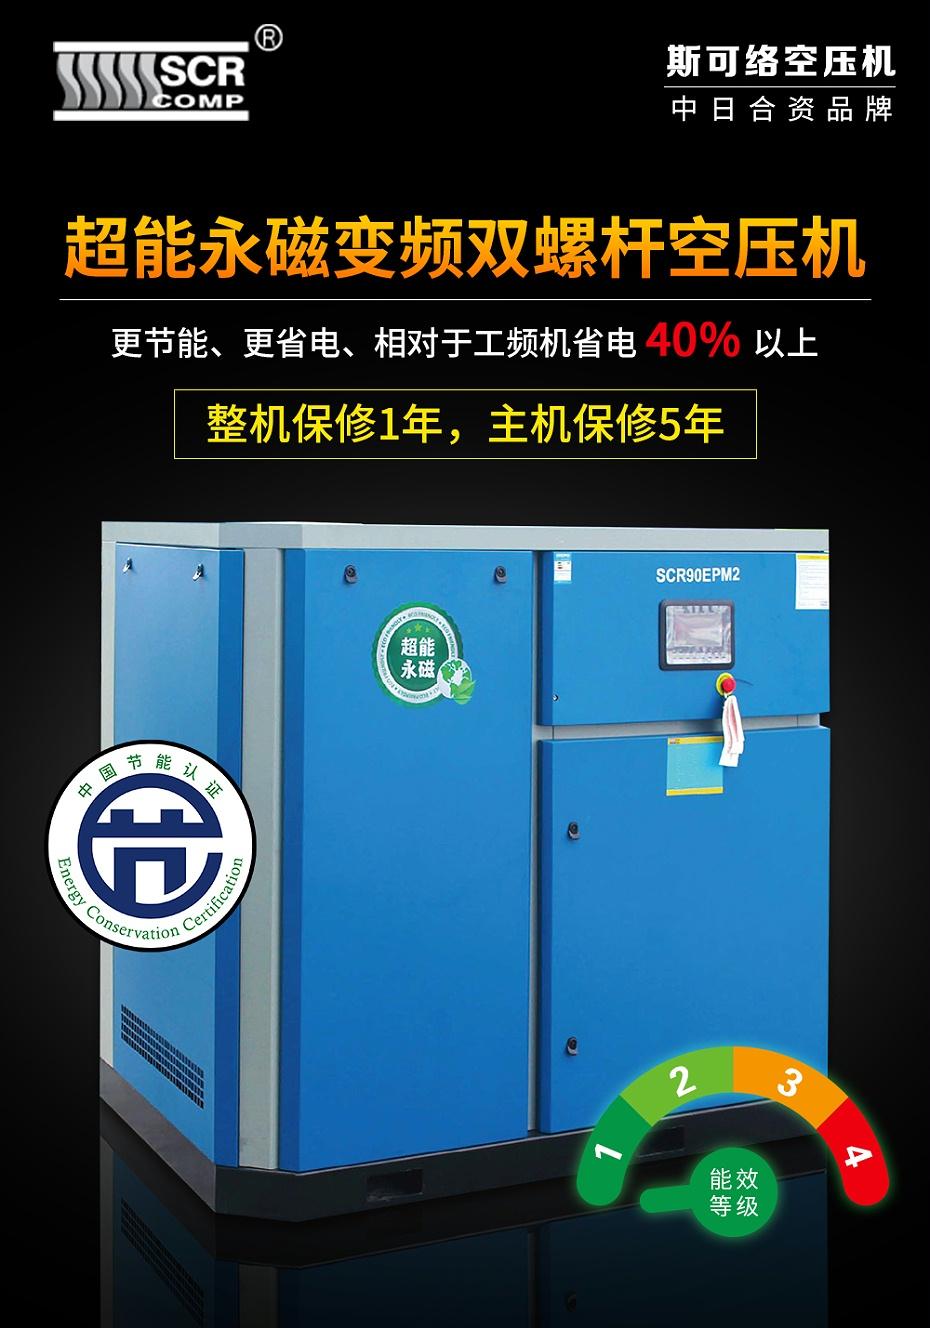 斯可络超能永磁EPM2节能省电